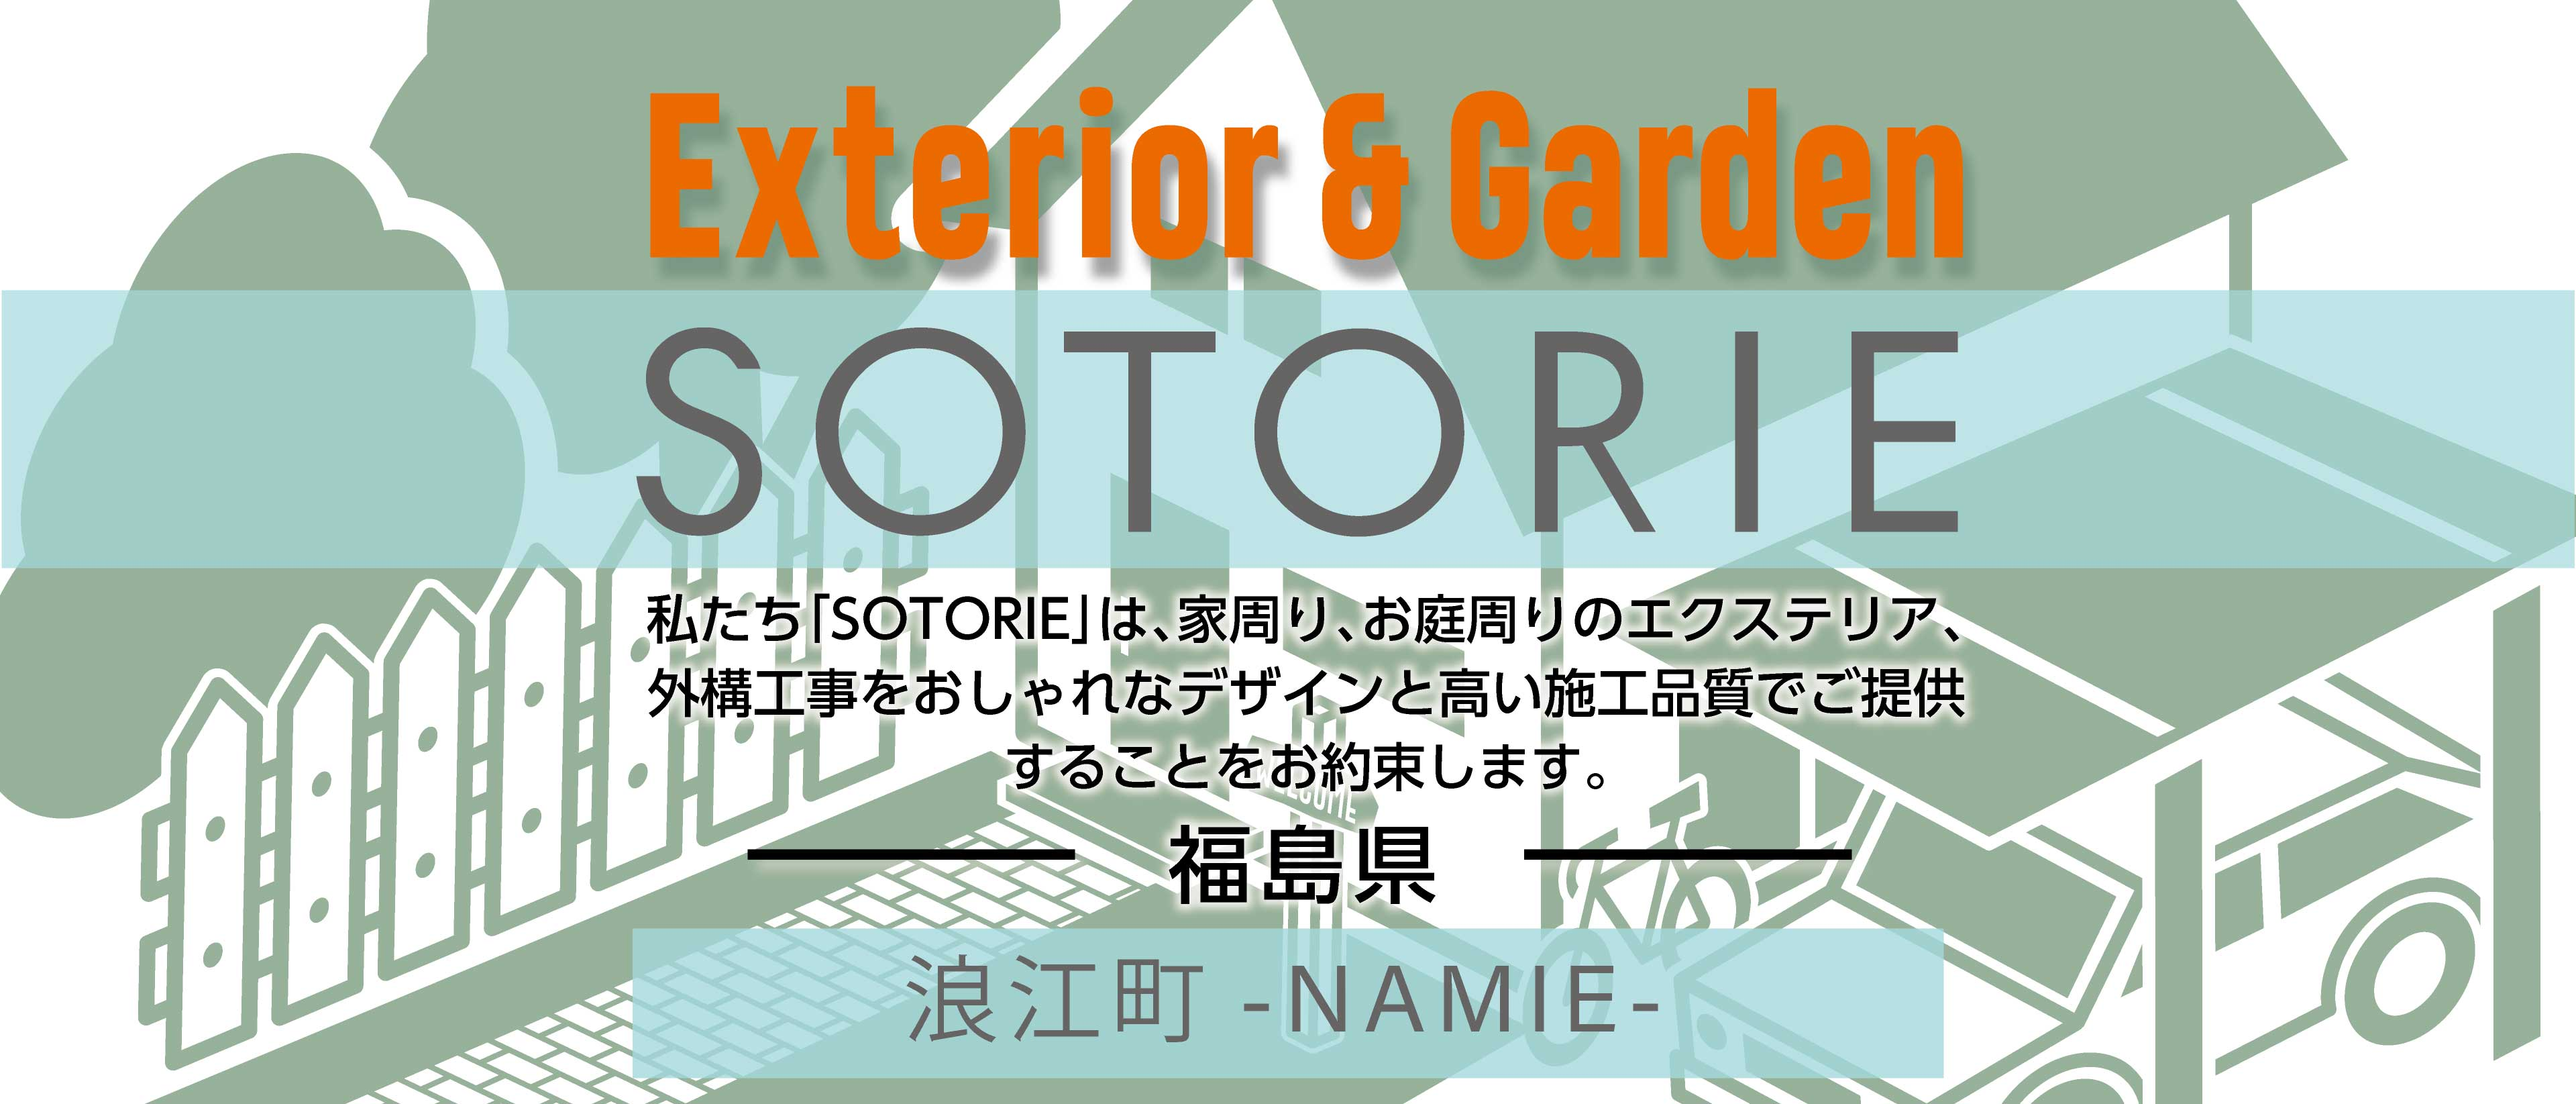 ソトリエ浪江町では、家周りと庭周りの外構、エクステリア工事をおしゃれなデザインと高い施工品質でご提供することをお約束します。